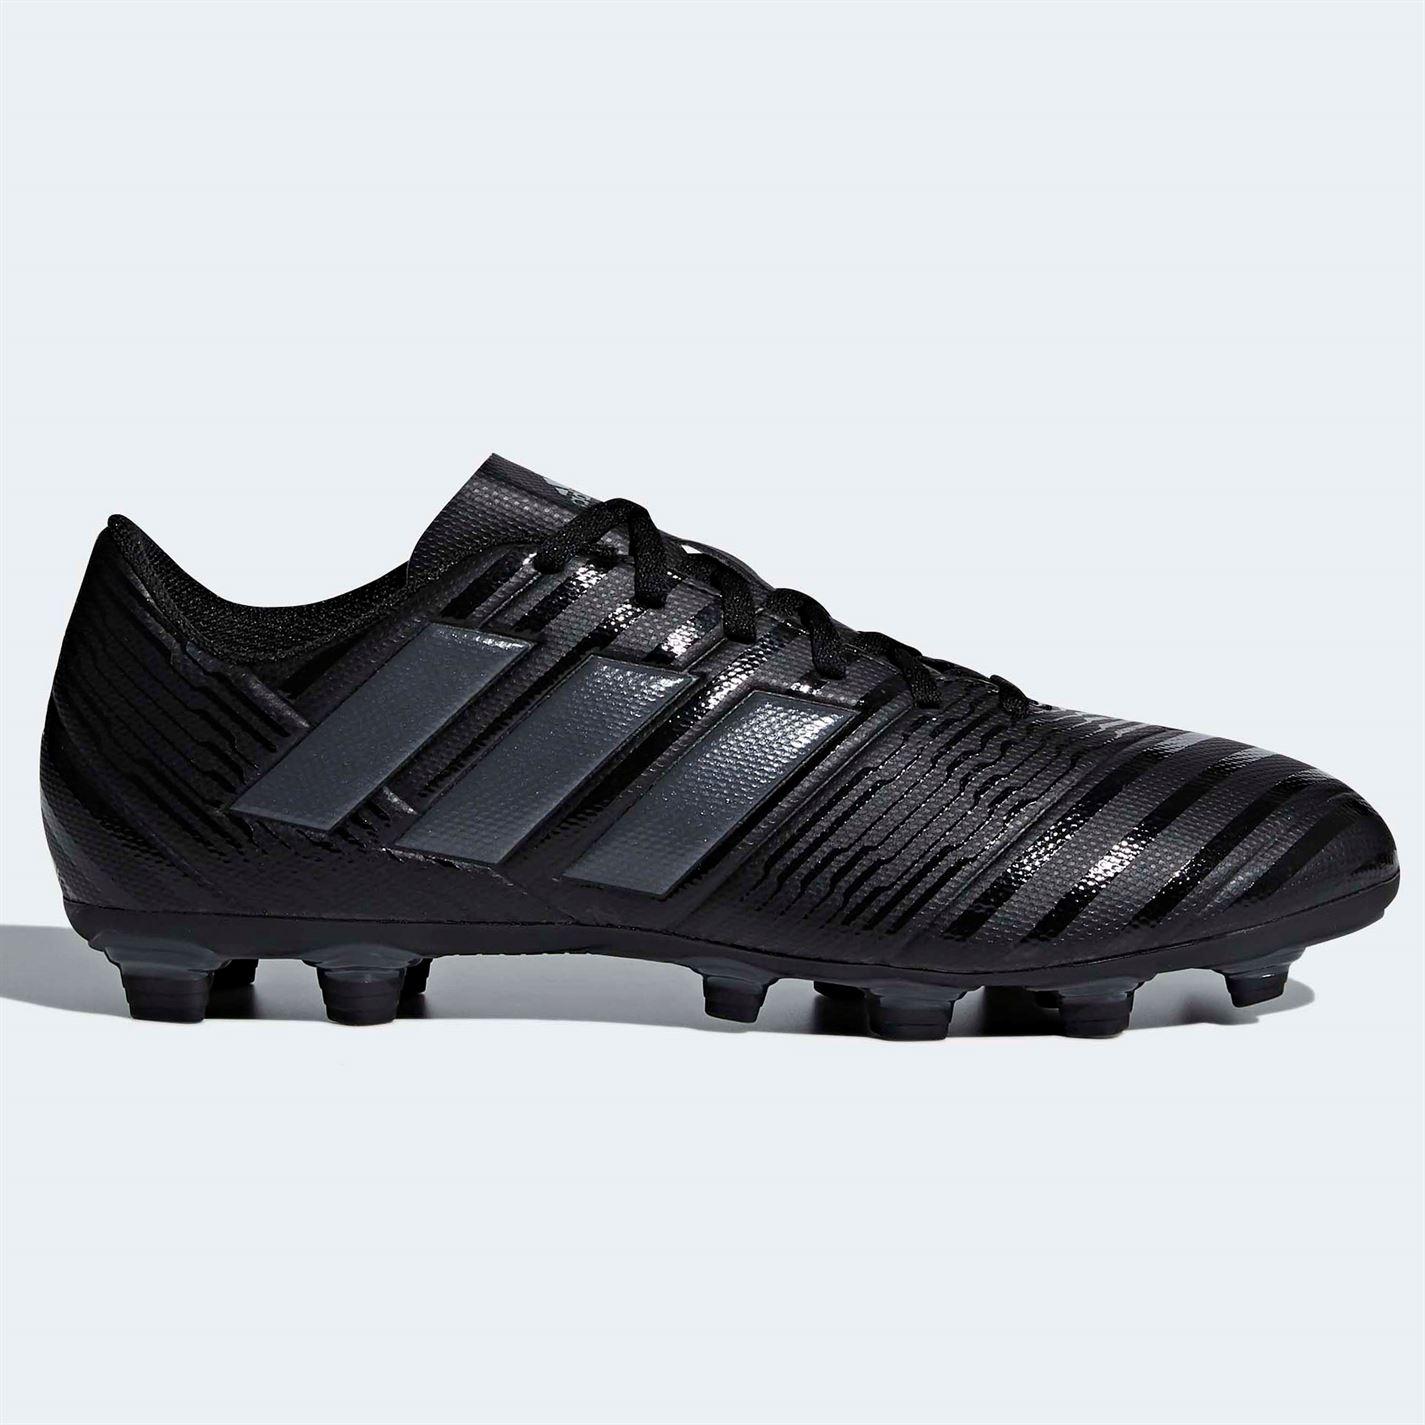 Adidas Nemeziz 17.4 Mens FG Football Boots